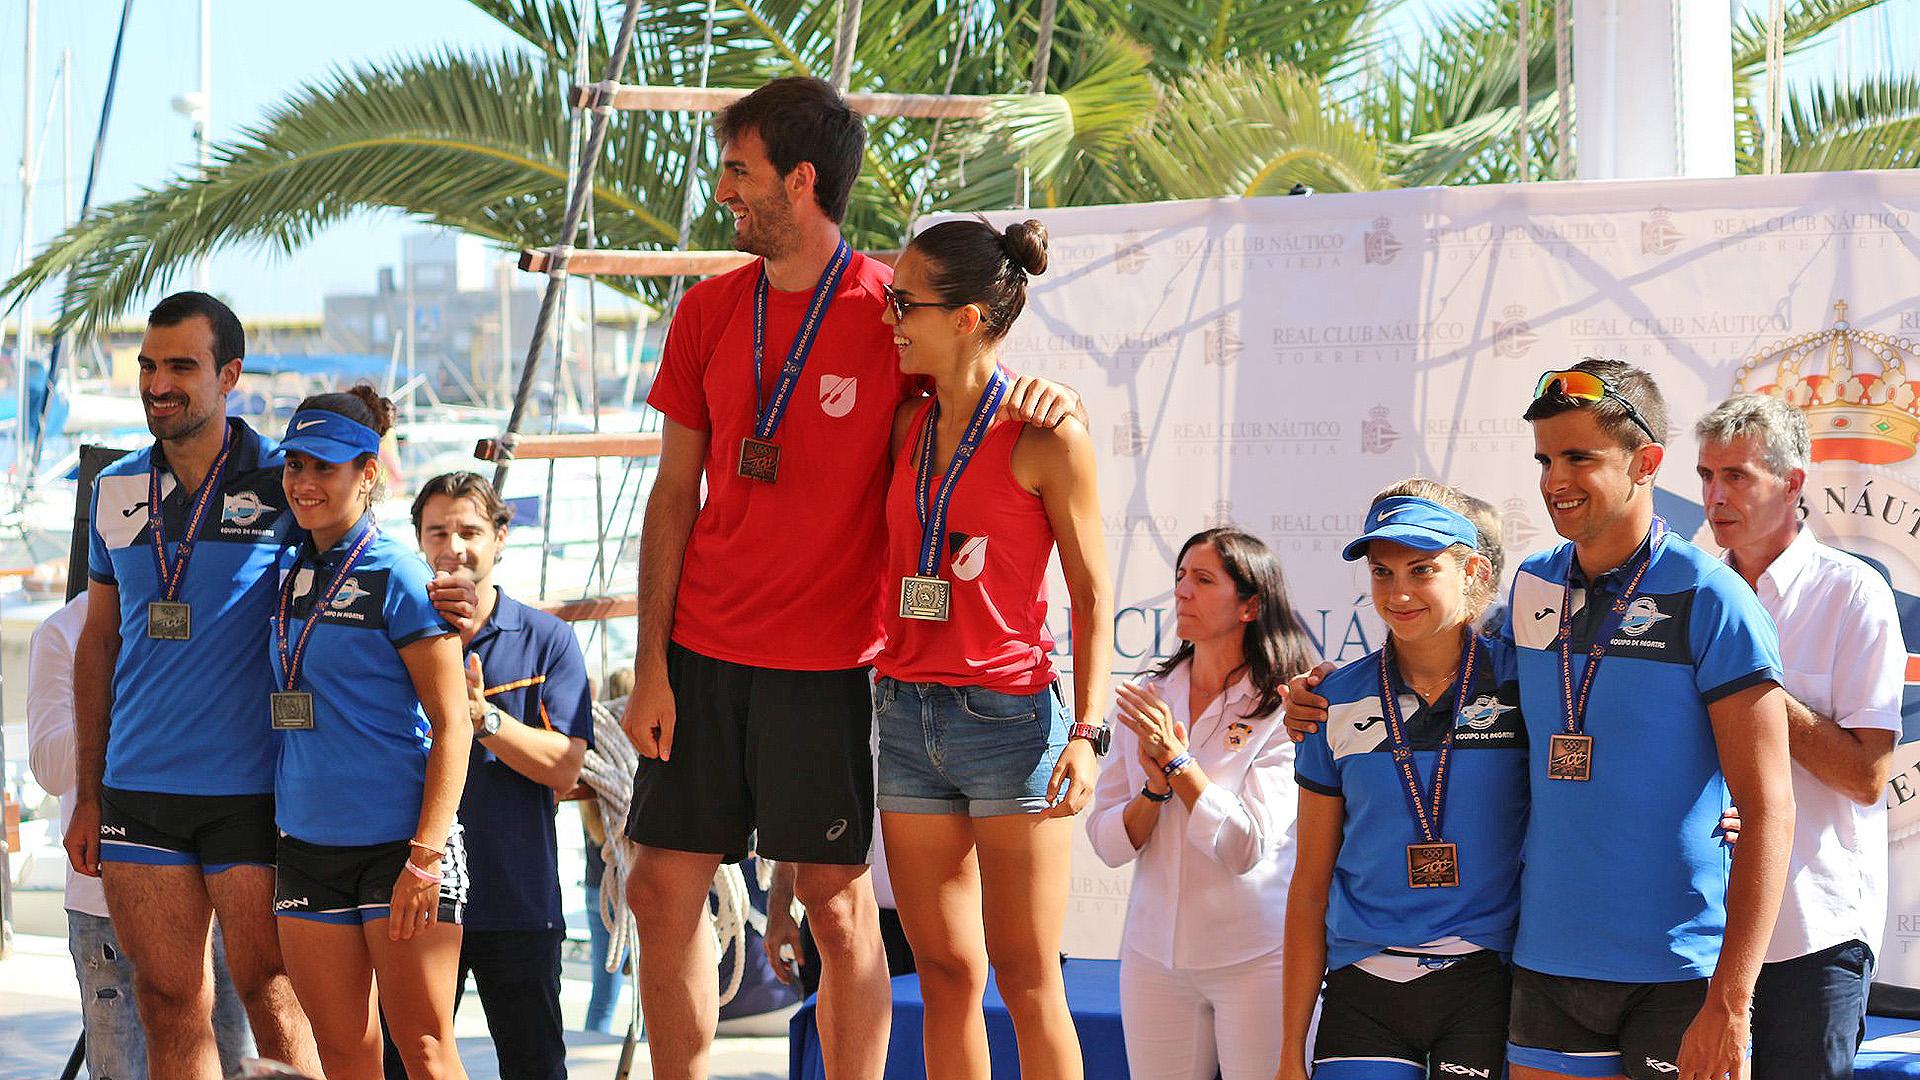 Campeonato de España Remo de Mar